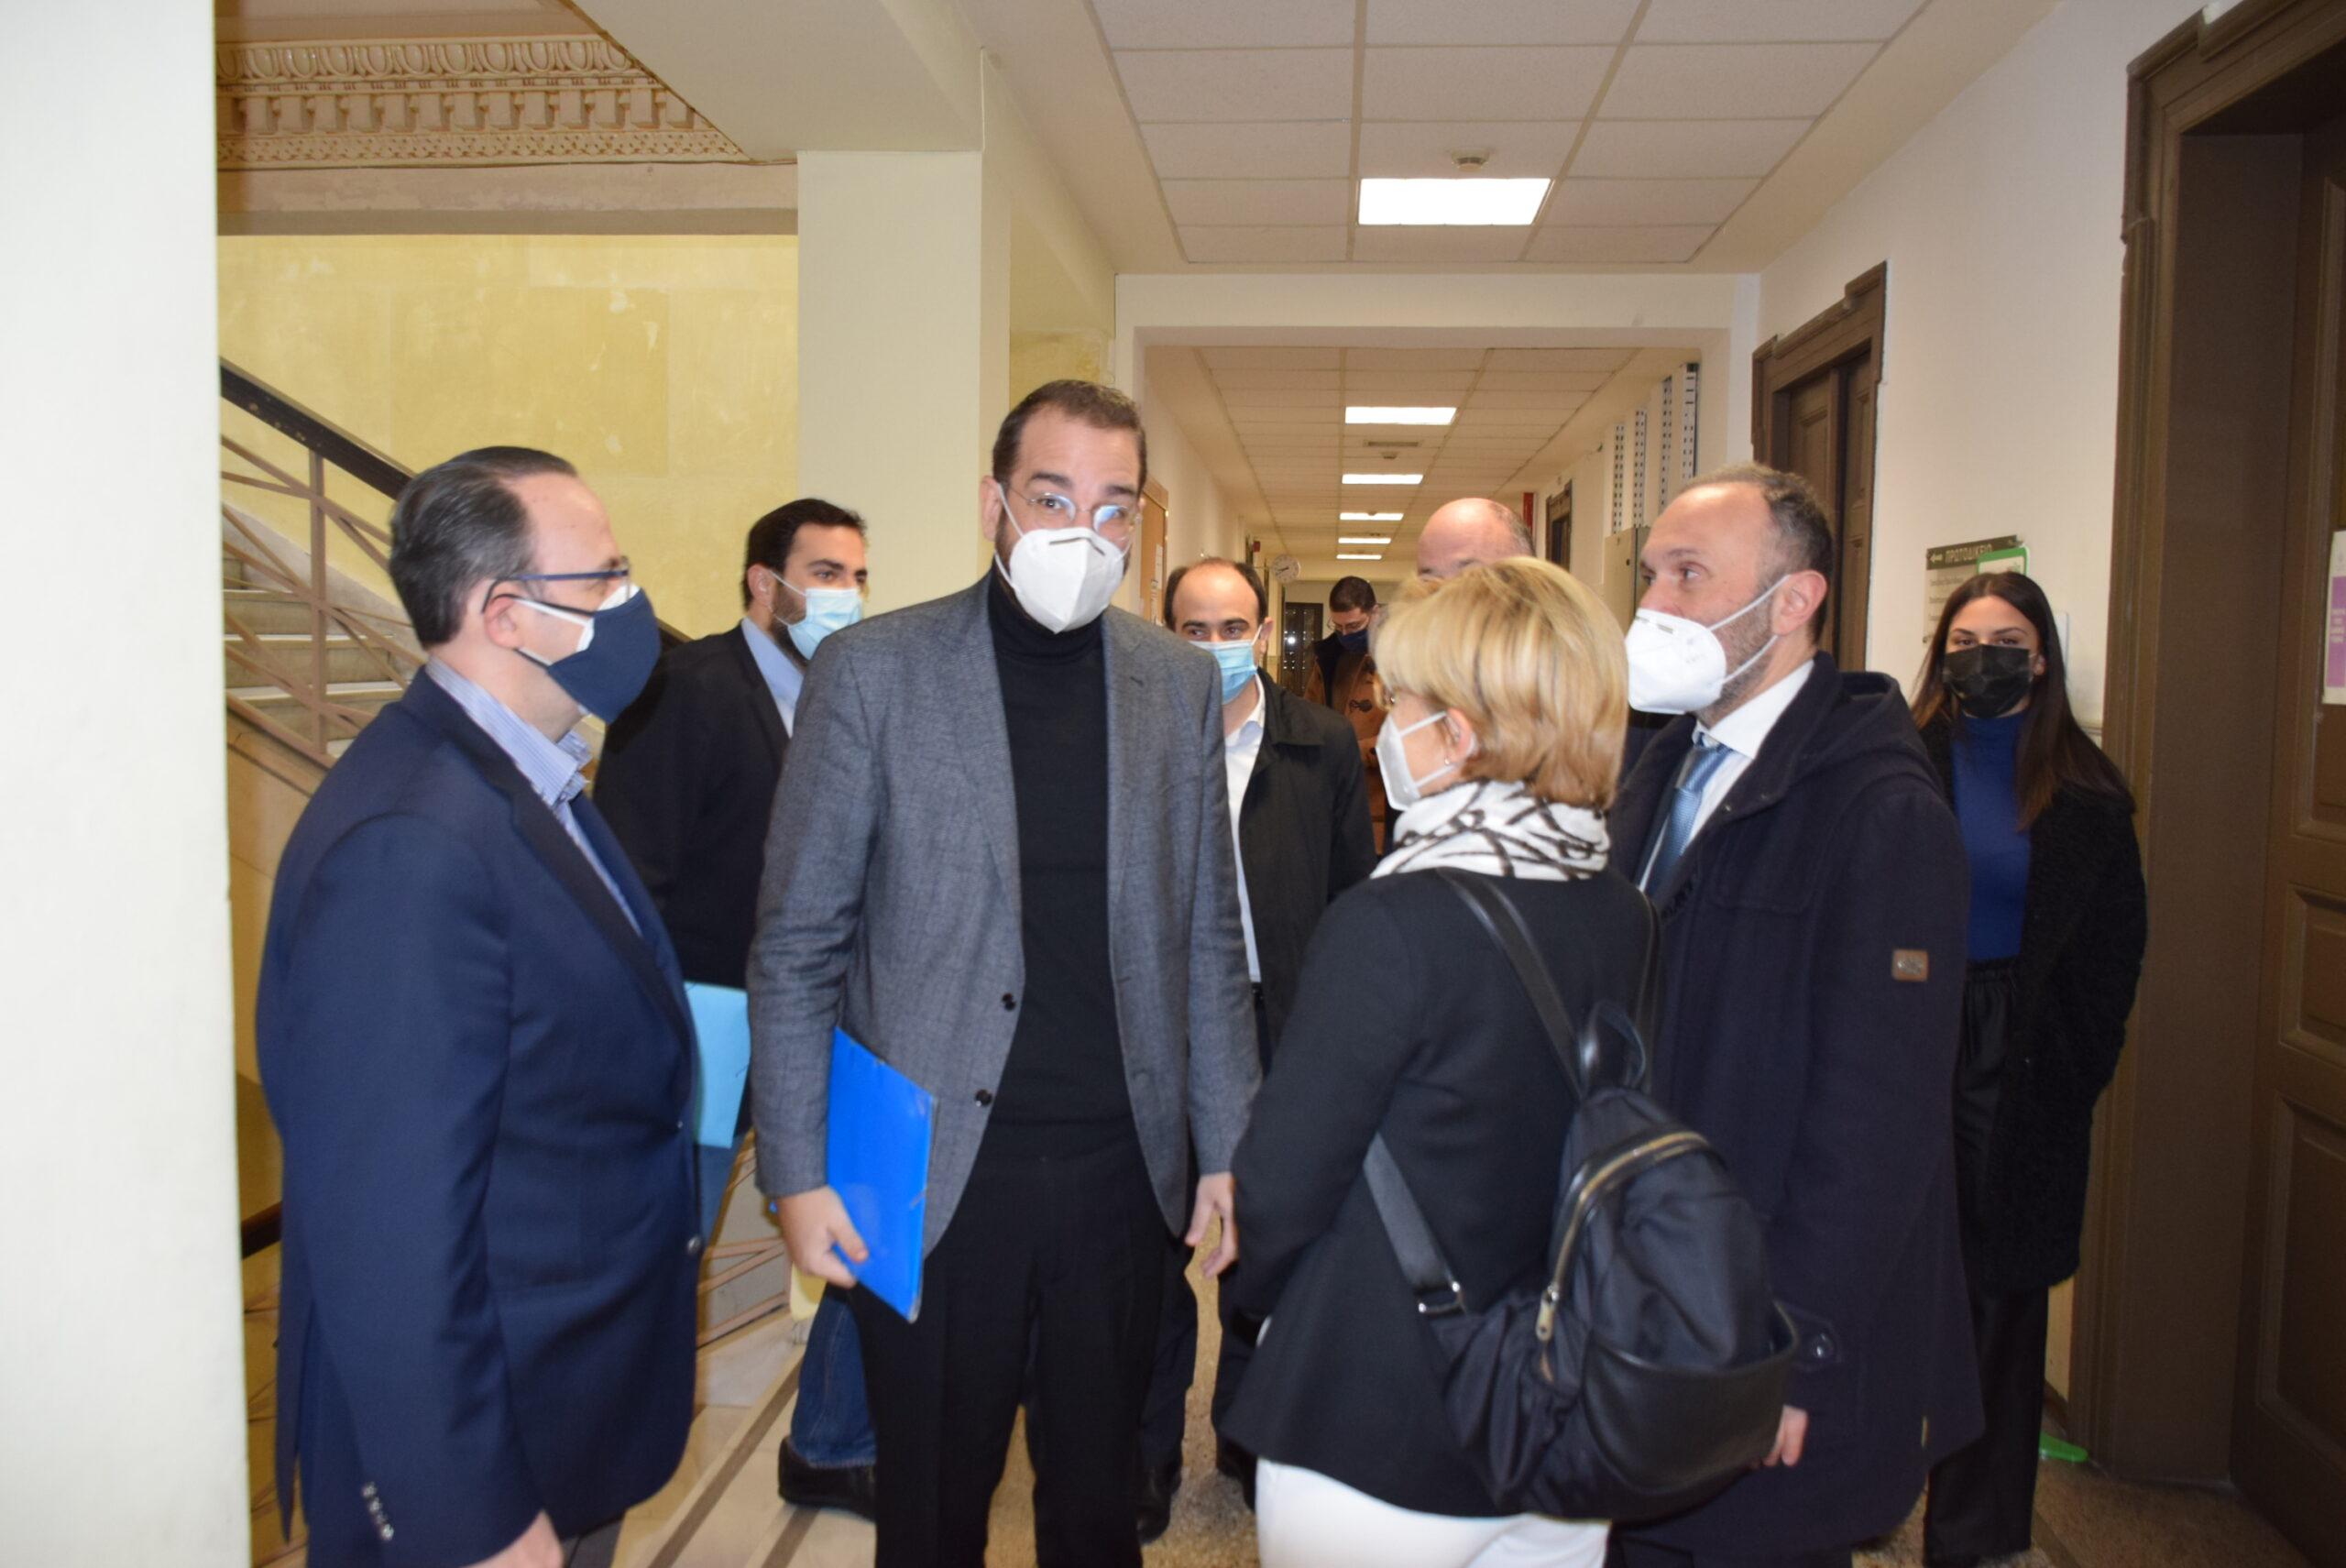 ΠΔΕ: Στη Δικαιοσύνη ο Ν. Φαρμάκης για να αποτυπωθεί η αλήθεια σχετικά με τη διαφάνεια και την αξιοκρατία του προγράμματος των 30 εκατ. ευρώ (photos- ΒΙΝΤΕΟ)